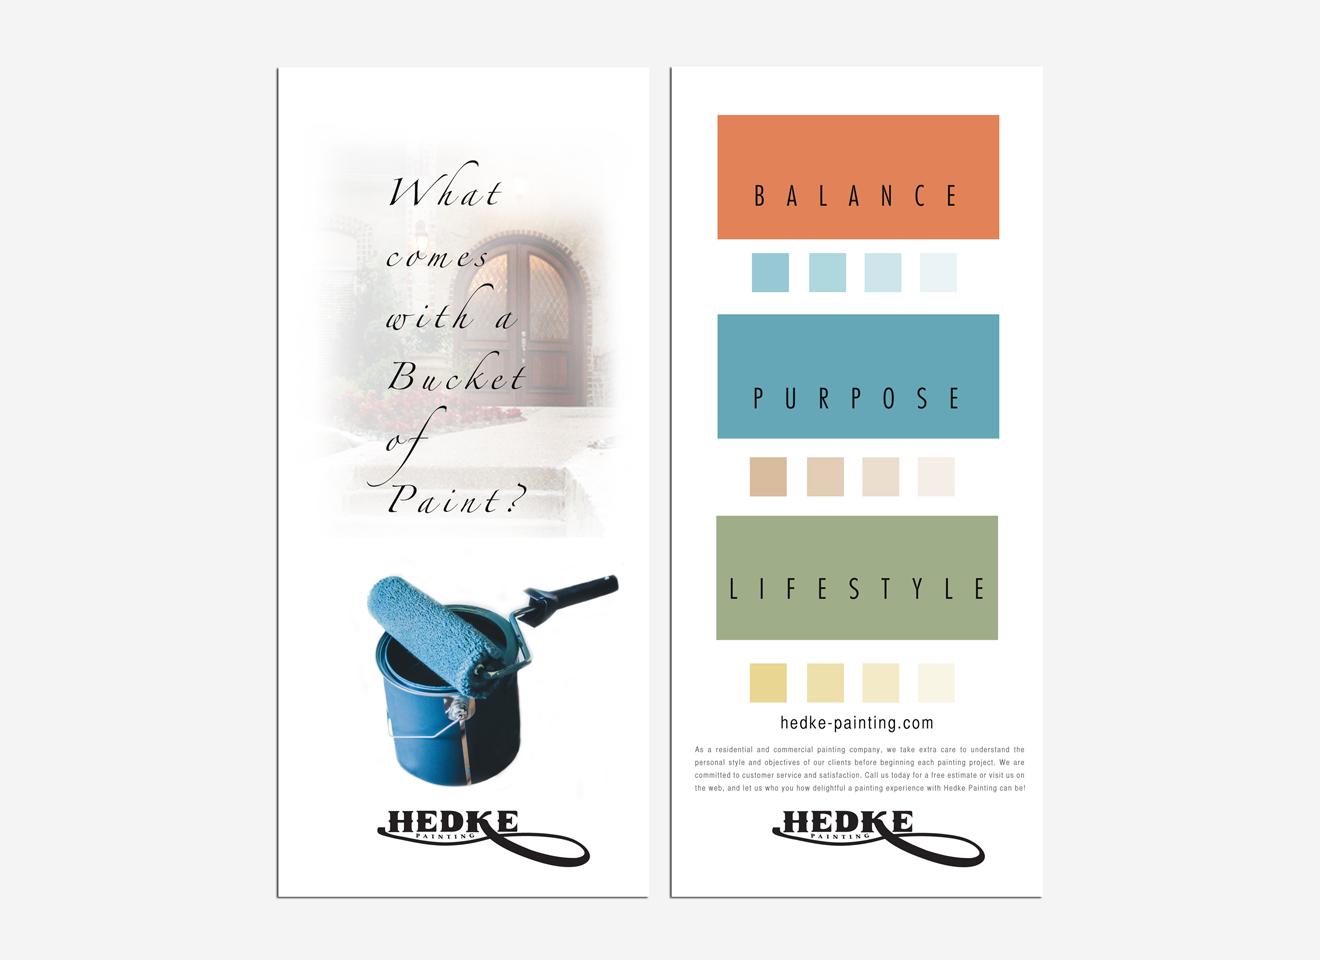 hedke-cafe-card-ad-design